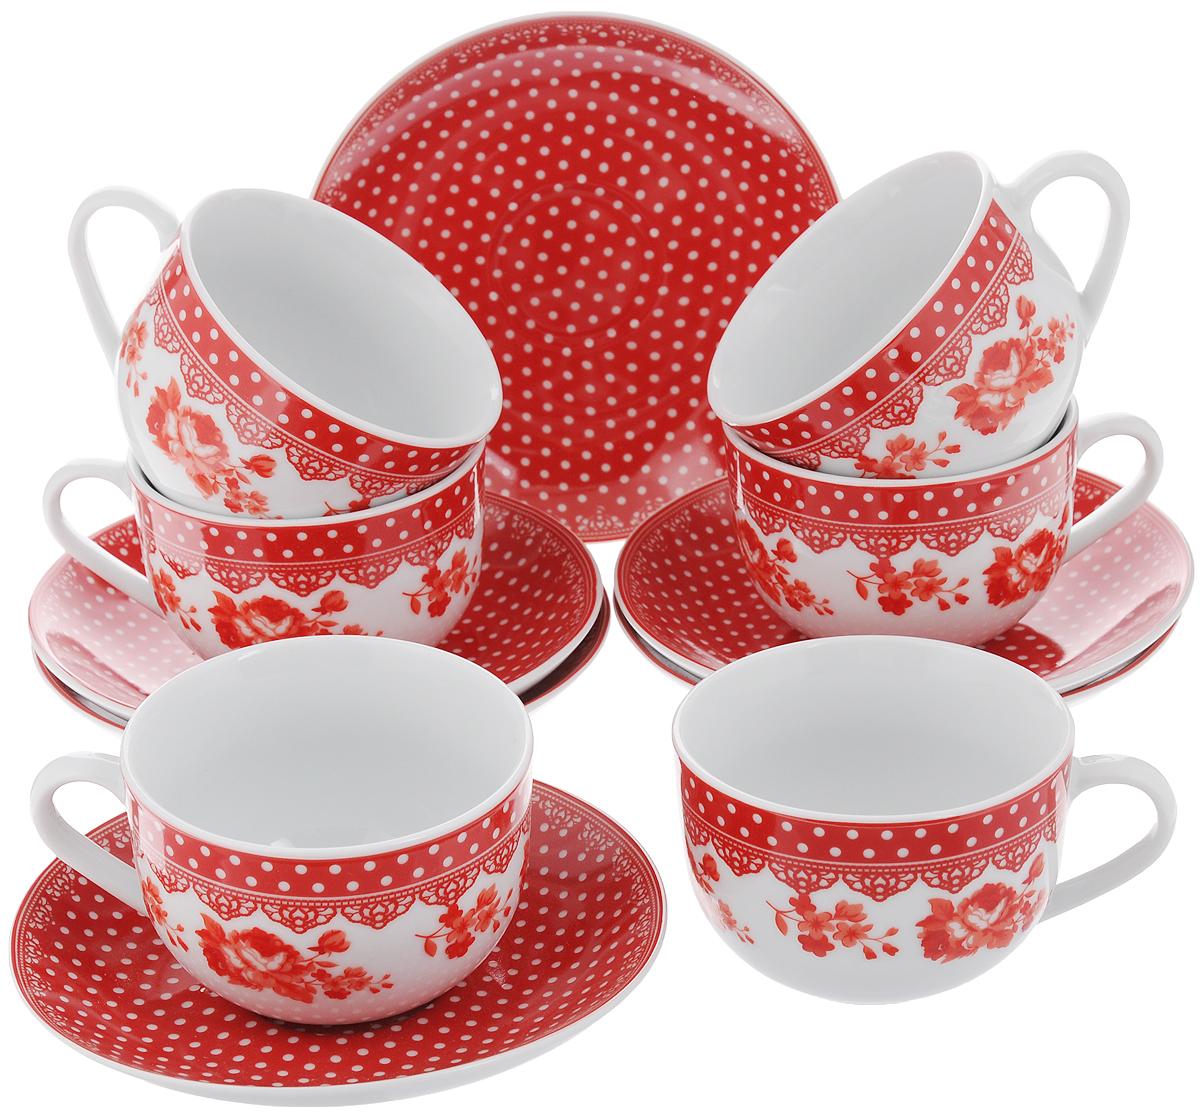 """Чайный набор """"Loraine"""" состоит из 6 чашек и 6 блюдец.  Изделия выполнены из высококачественного фарфора и  оформлены ярким рисунком.  Такой набор прекрасно дополнит сервировку стола к чаепитию, а также станет  замечательным подарком для ваших друзей и близких.  Объем чашки: 220 мл.  Диаметр чашки по верхнему краю: 9 см.  Высота чашки: 6,2 см.  Диаметр блюдца: 14,5 см. Высота блюдца: 2,3 см."""